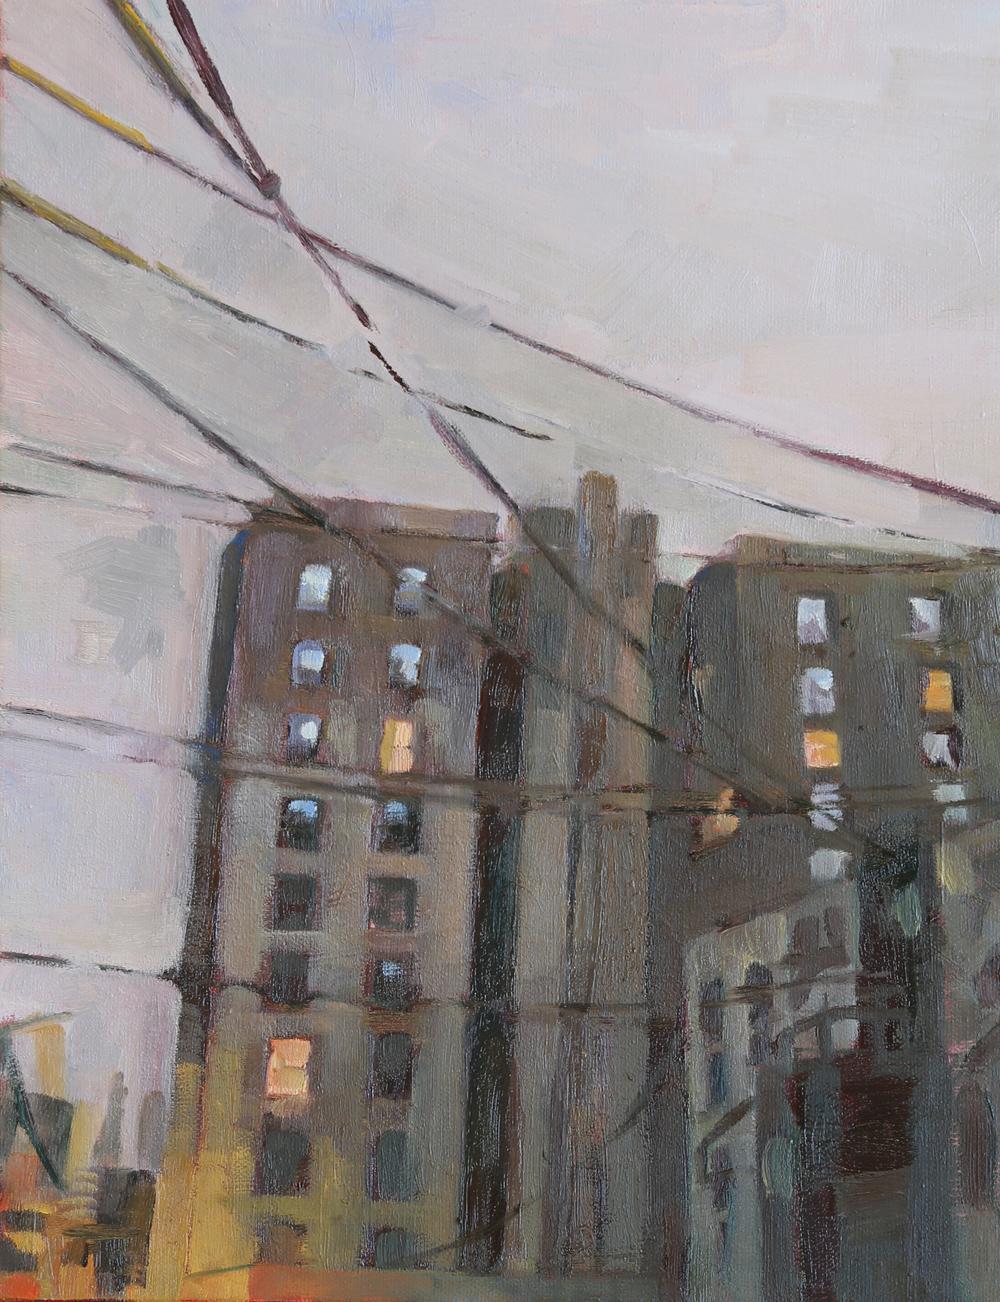 Kevin Kuczynski - Wires - 14 x 11.JPG